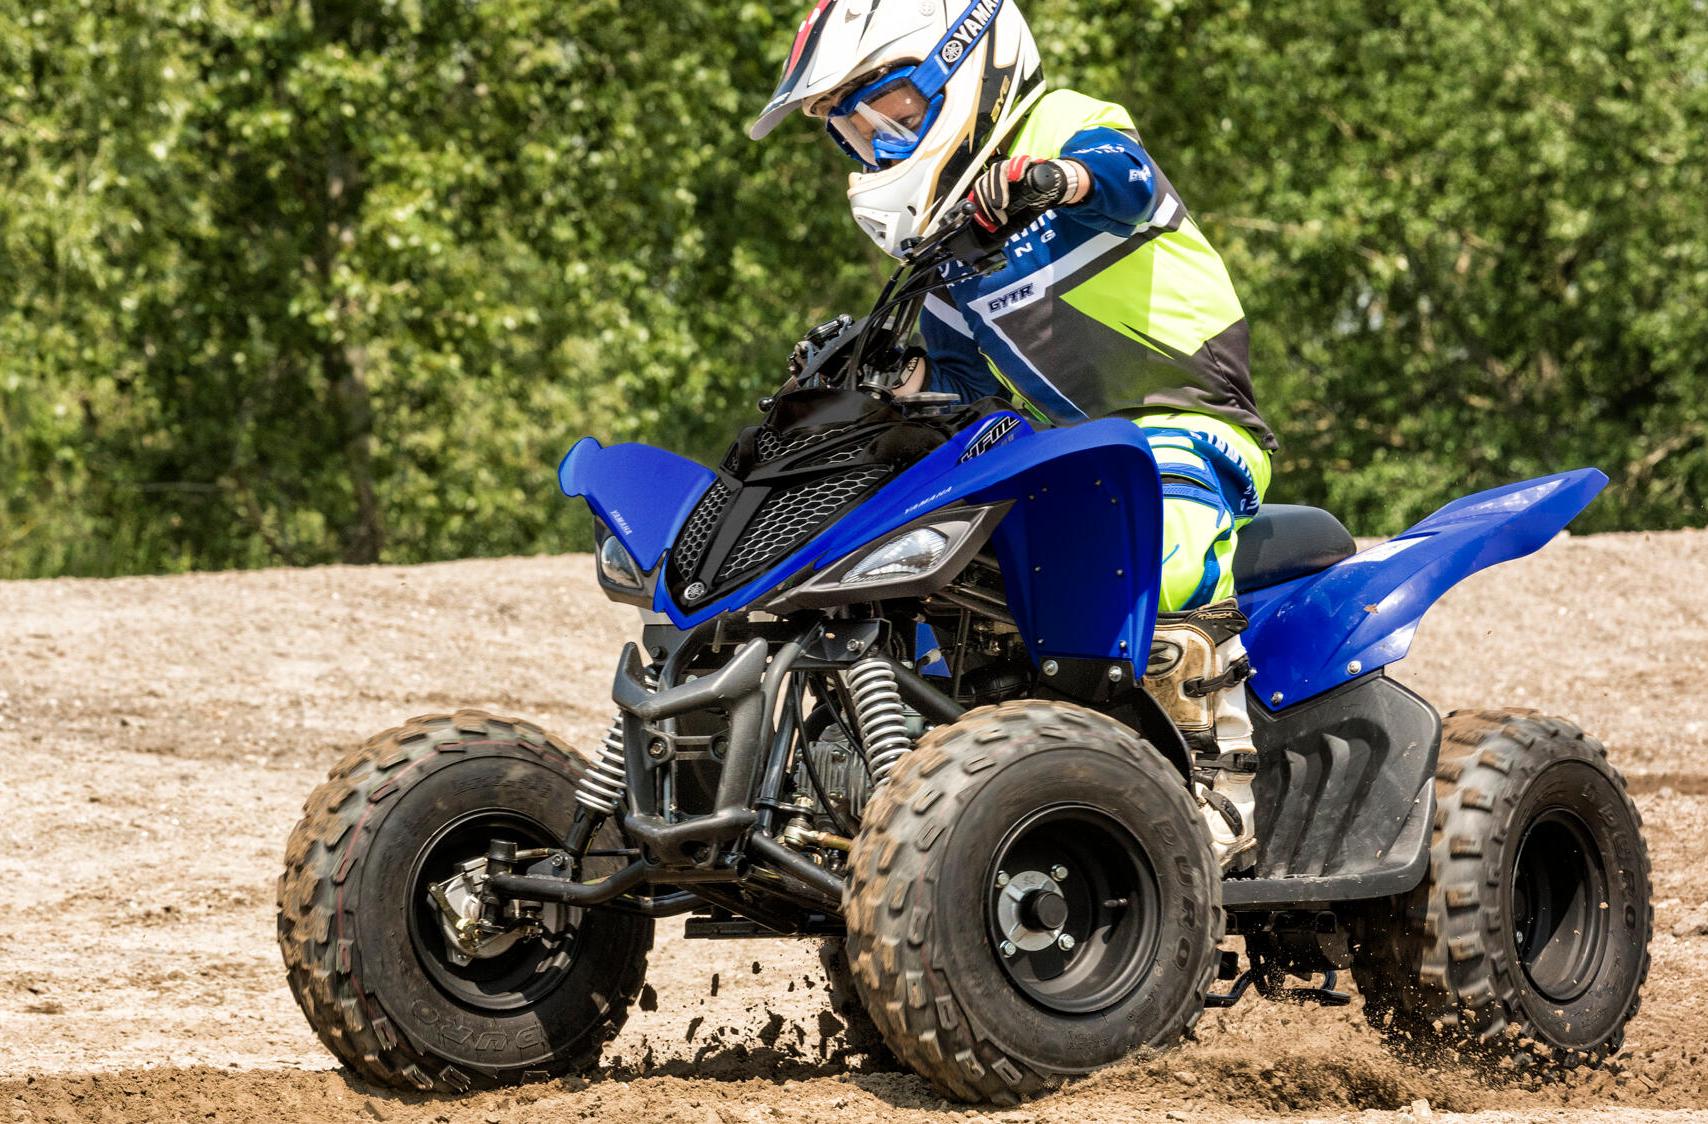 Квадроцикл Yamaha YFM90R купити в Києві   Офіційний дилер YAMAHA   VIDI  Мотор Імпортс